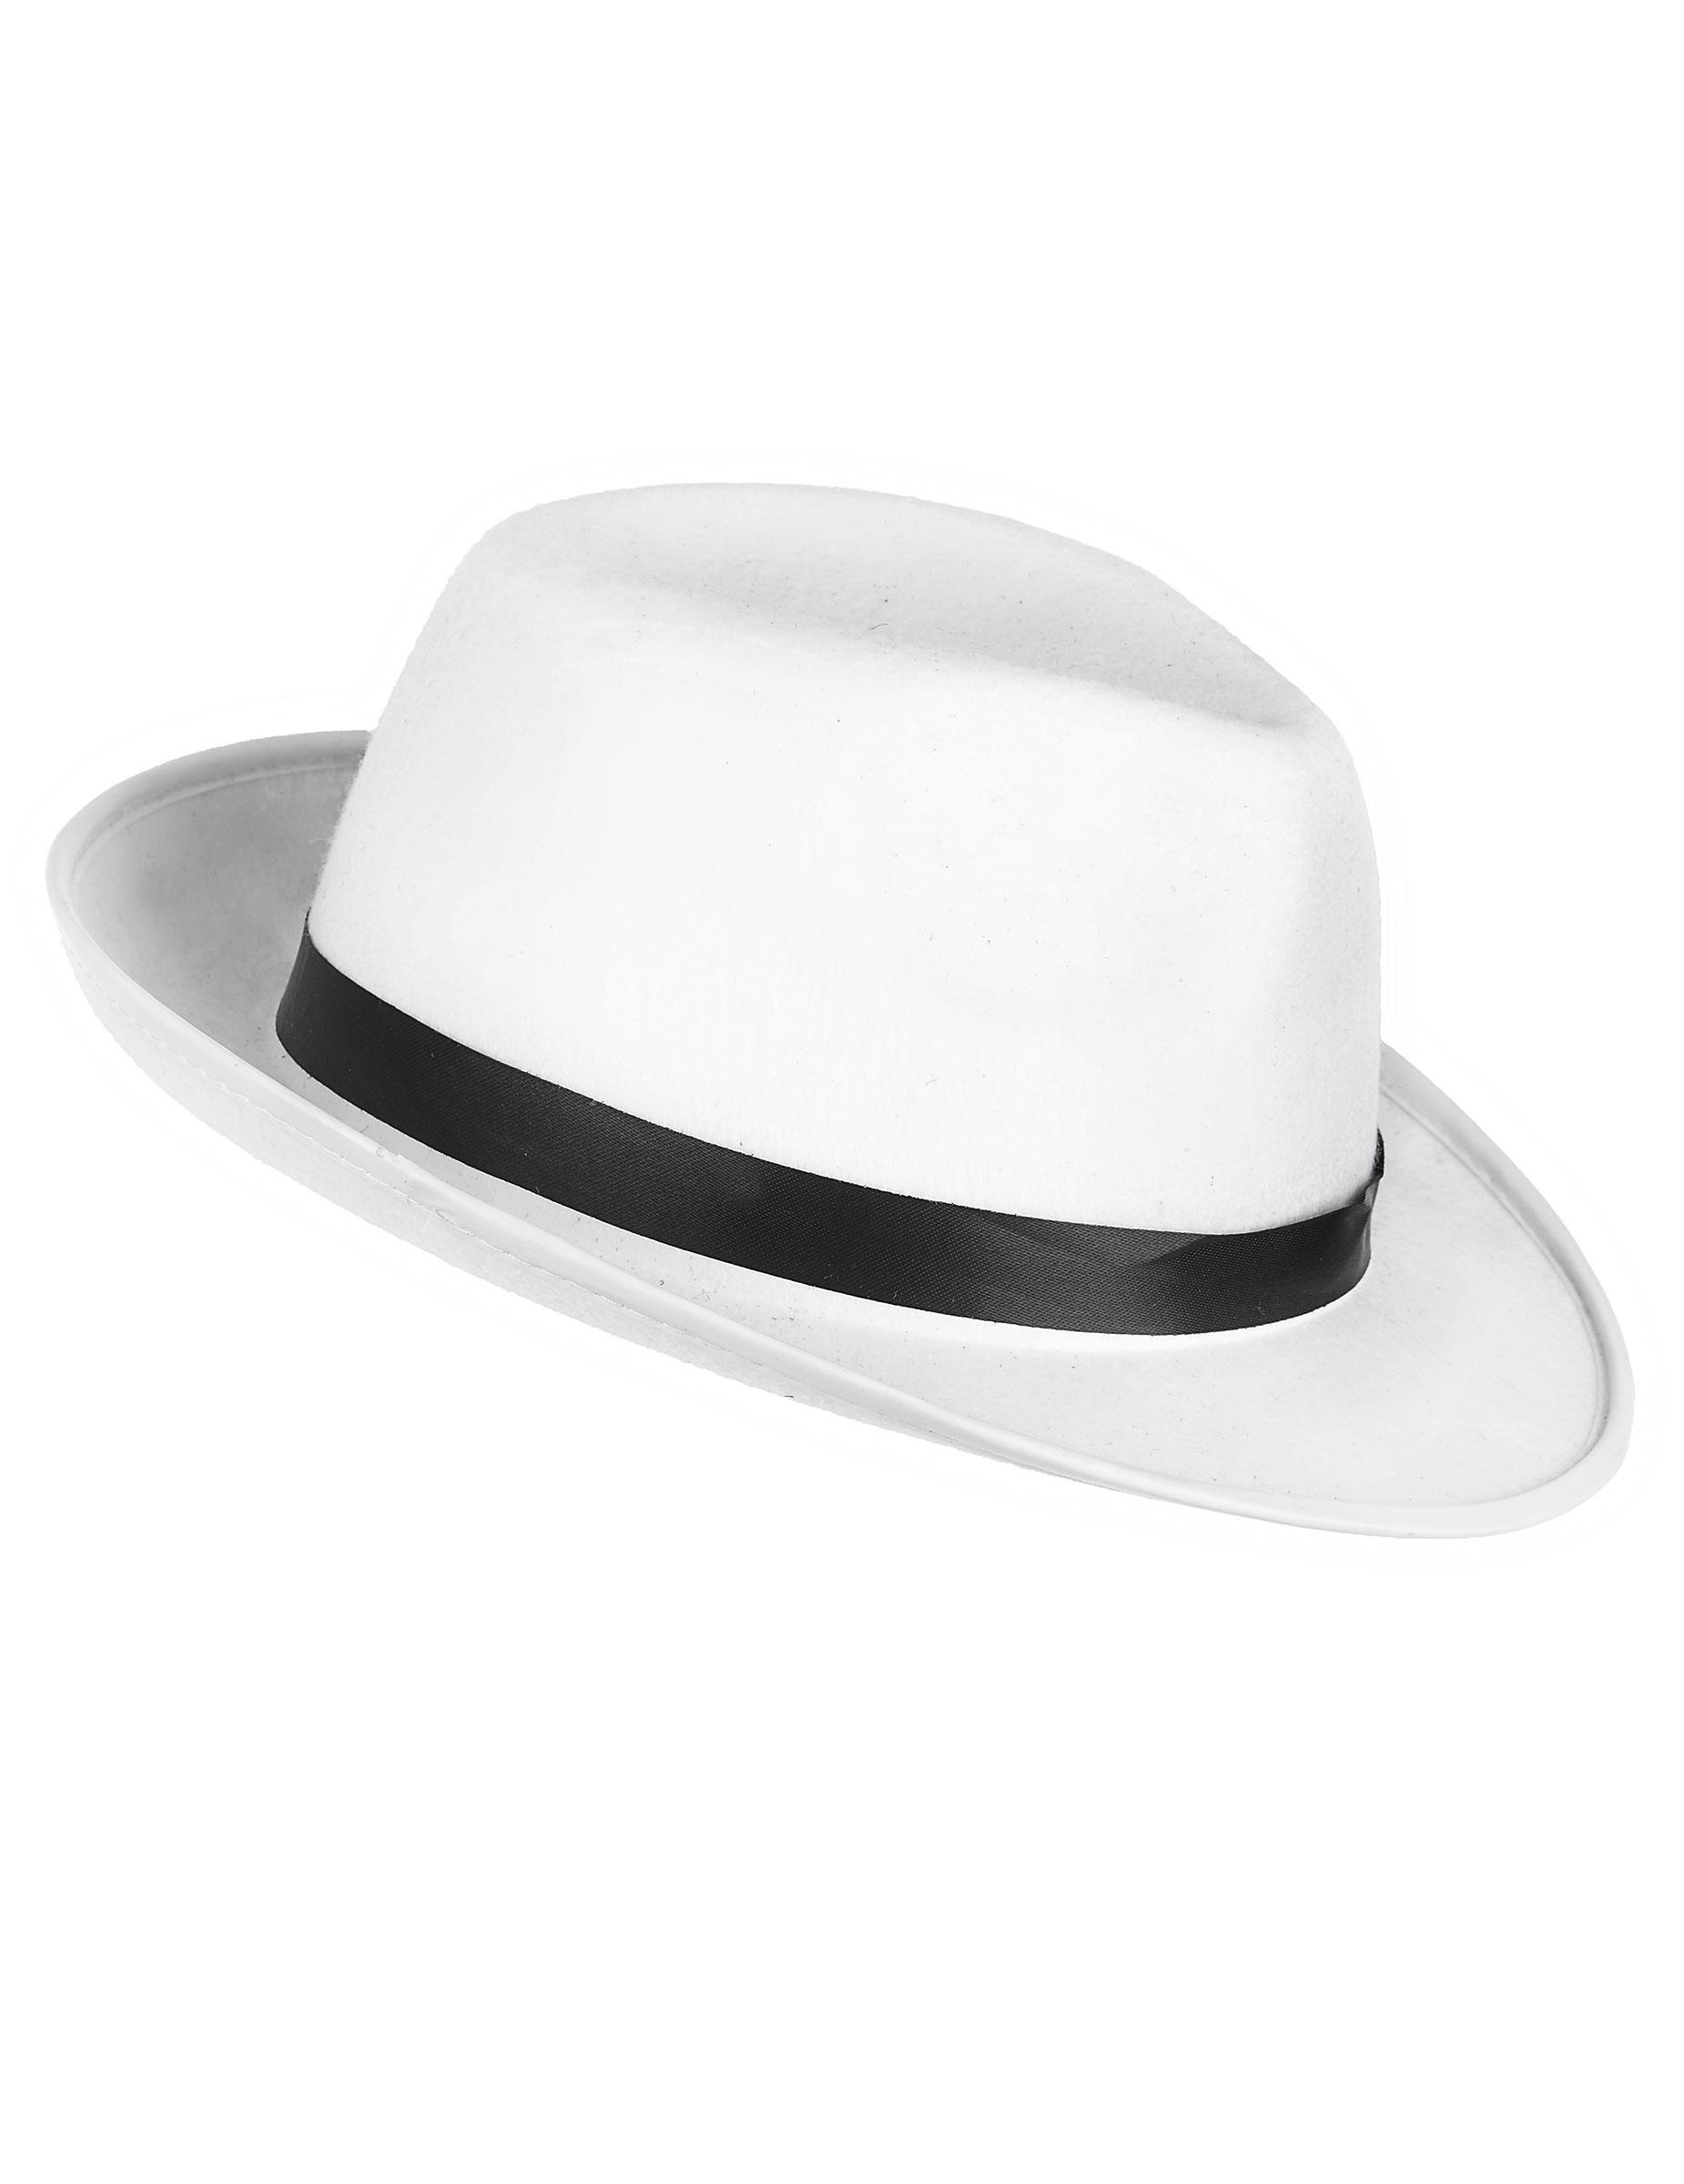 Cappello bianco e nero da gangster adulti  Cappelli 3fdbe67c0940